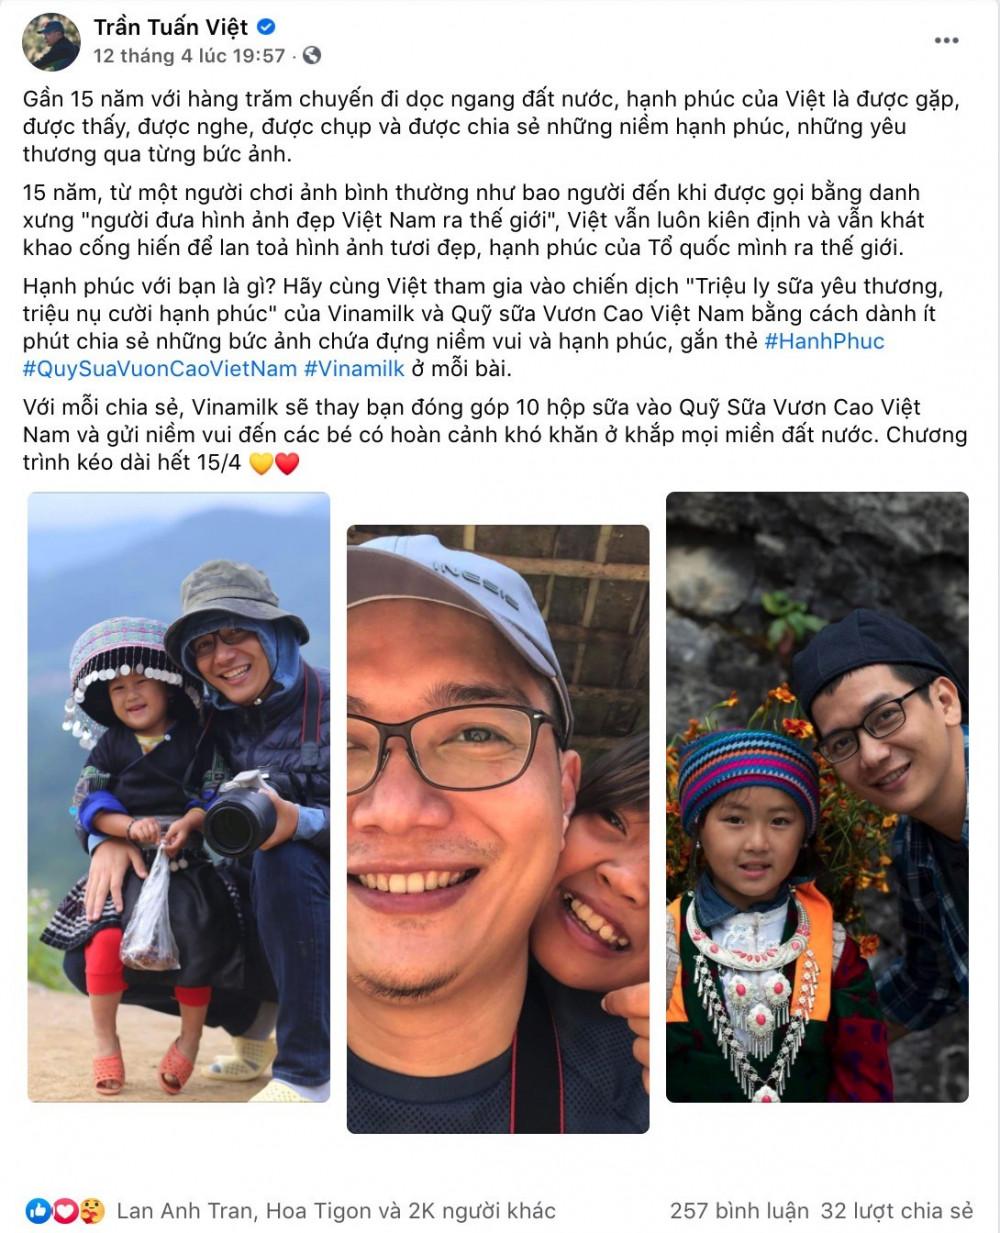 Bài viết hưởng ứng chiến dịch của nhiếp ảnh gia Trần Tuấn Việt đã nhận hơn 2.000 lượt thích và chia sẻ. Ảnh: Vinamilk